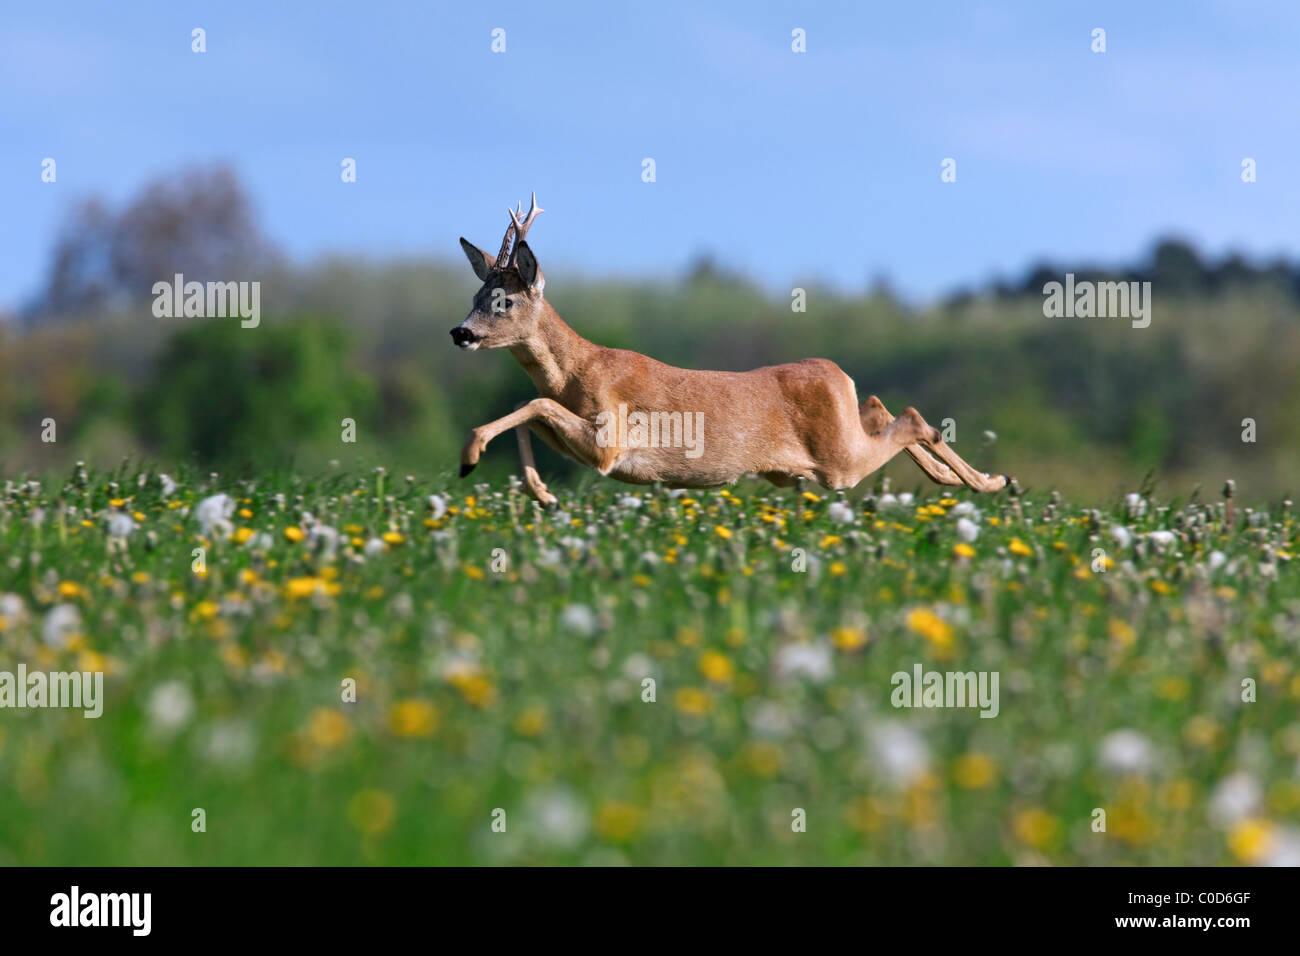 Roe deer (Capreolus capreolus) buck jumping in meadow with wildflowers, Germany - Stock Image